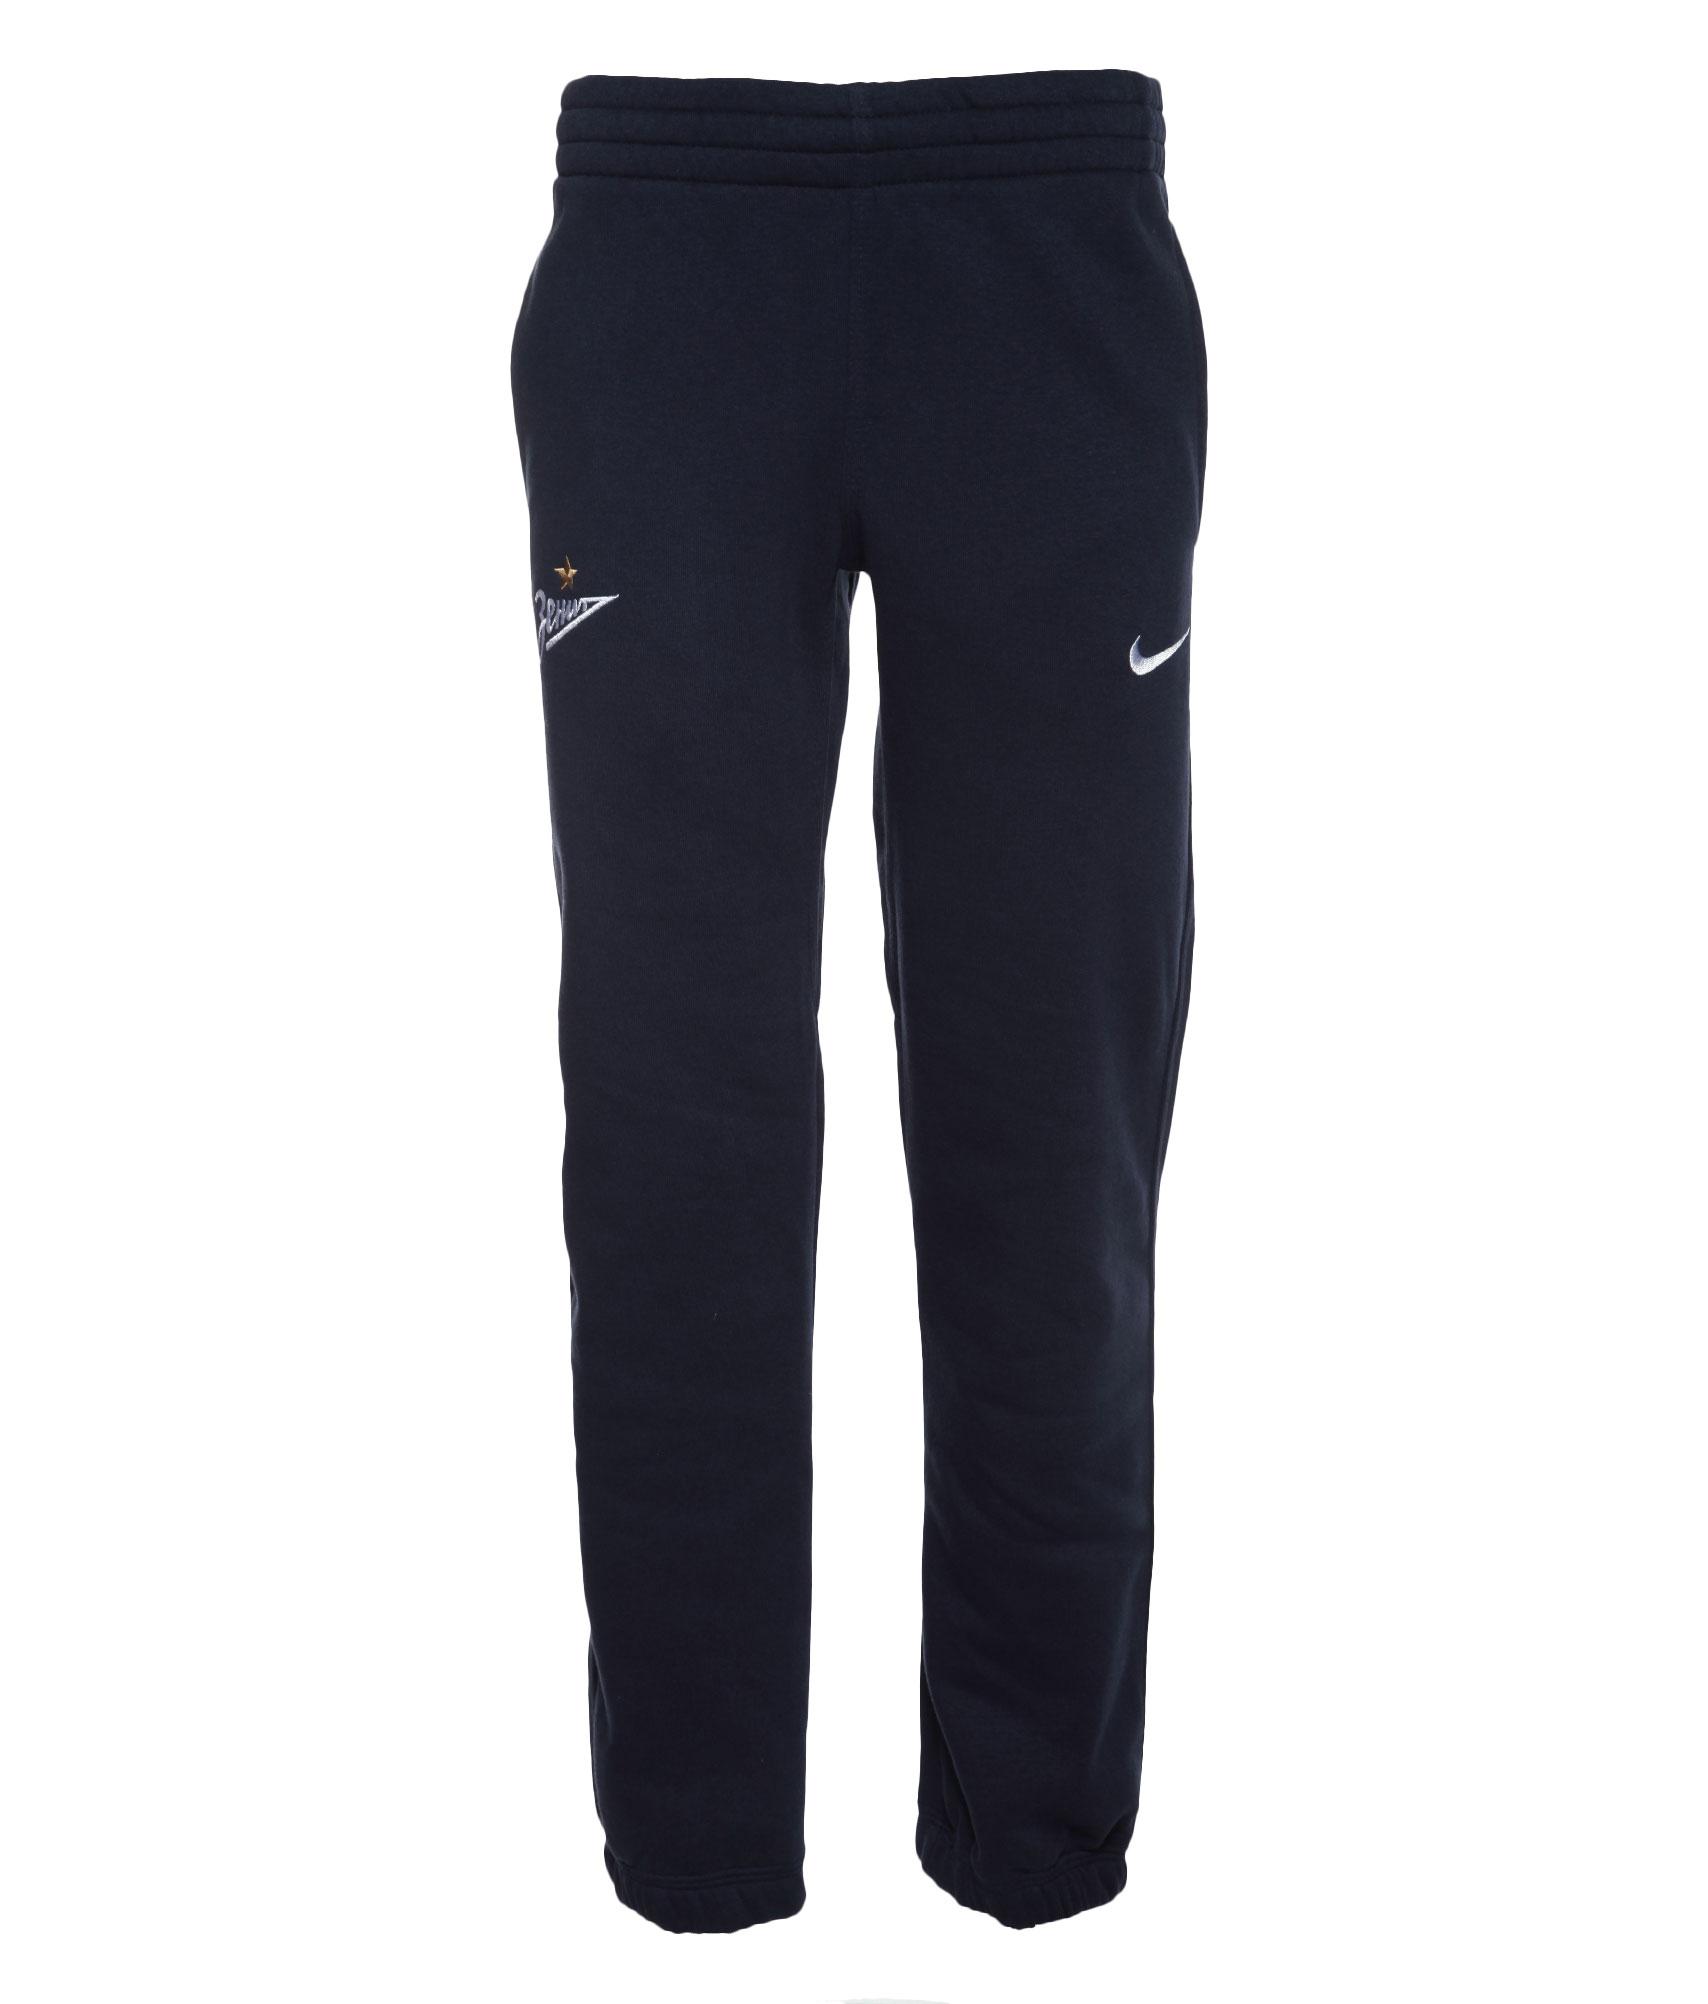 Брюки детские NIKE Nike Цвет-Темно-Синий детские брюки шорты luce della vita детские брюки ursula цвет темно синий 3 4 года